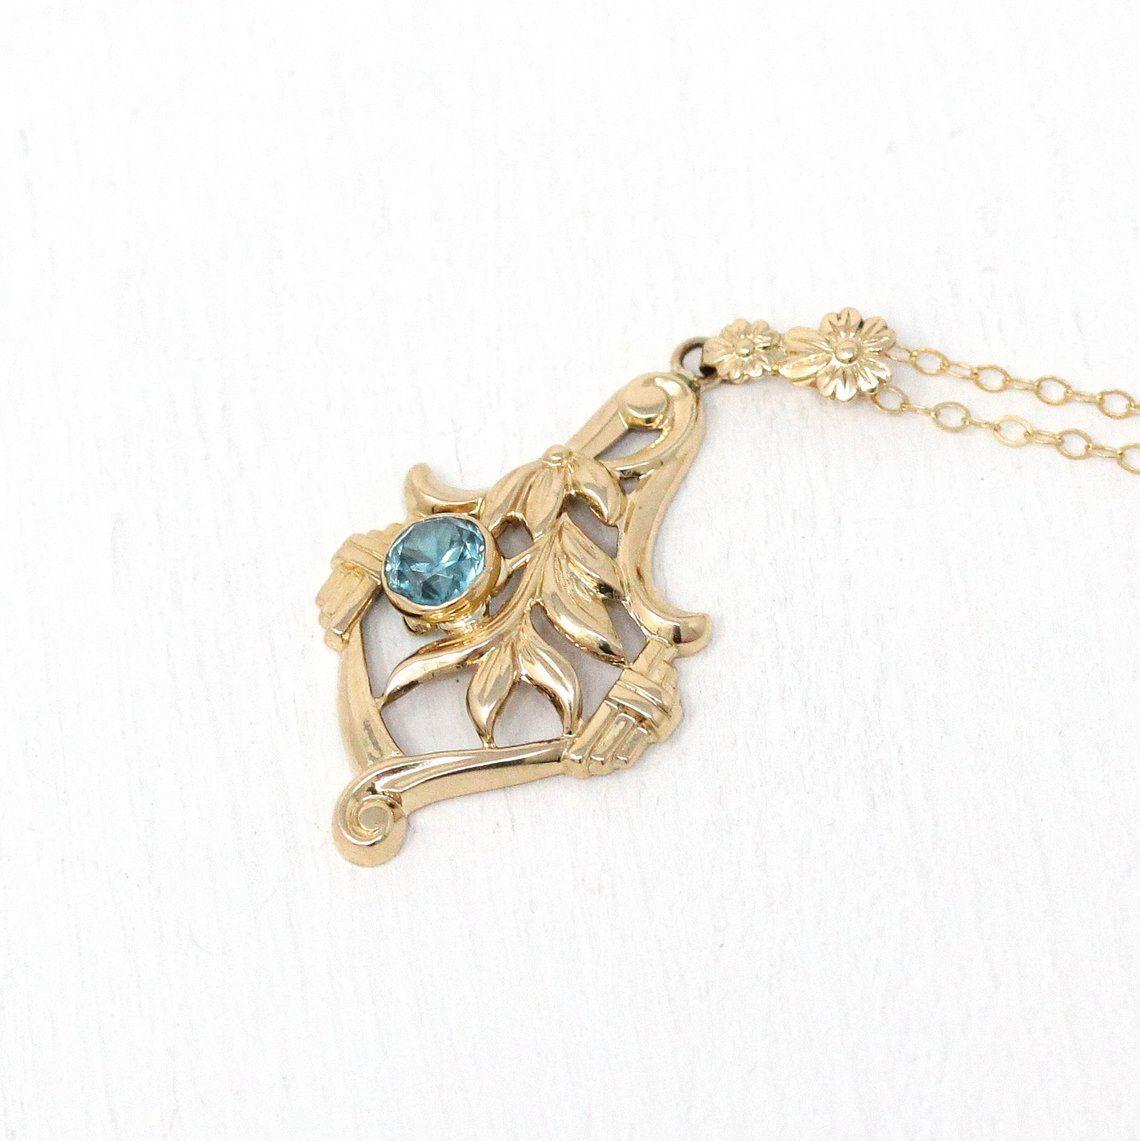 1940s Flower Necklace Retro 10k Gold Leaf Floral Gemstone Etsy Retro Necklaces Gemstone Charms Charm Pendant